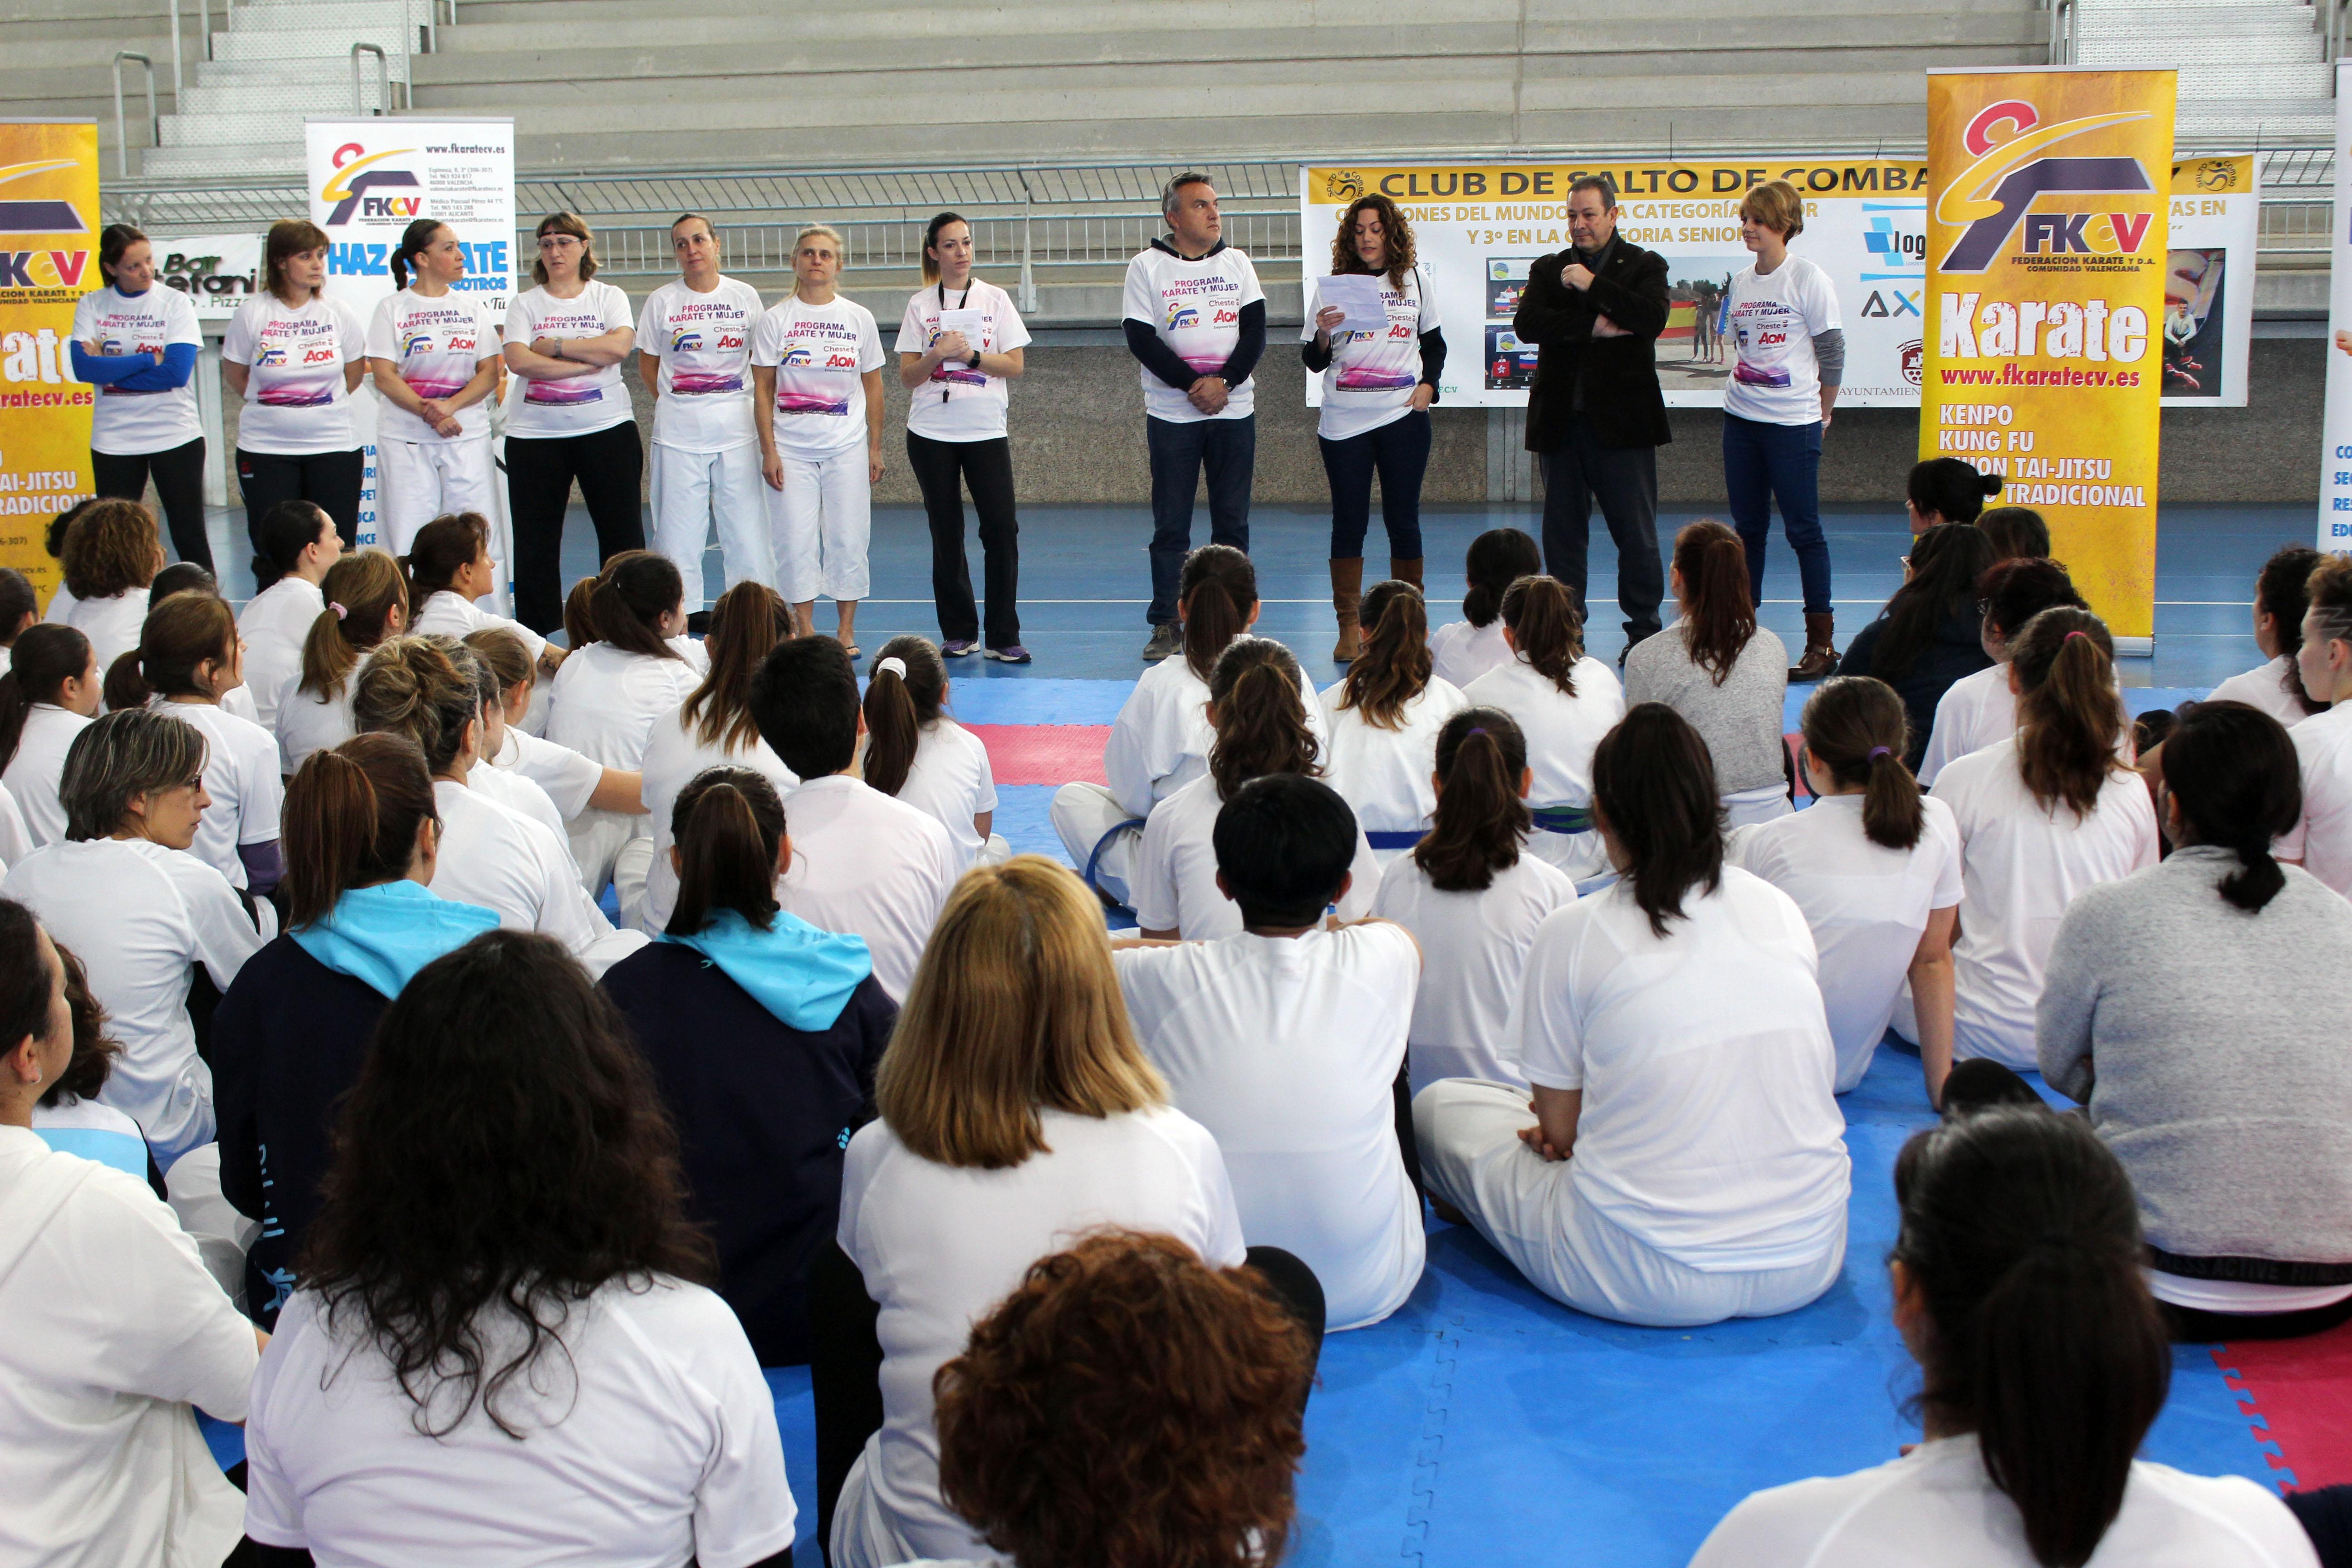 El pabellón deportivo municipal recibió el domingo a más de 140 mujeres en el I Encuentro de la Comunidad Valenciana de Karate y mujer.